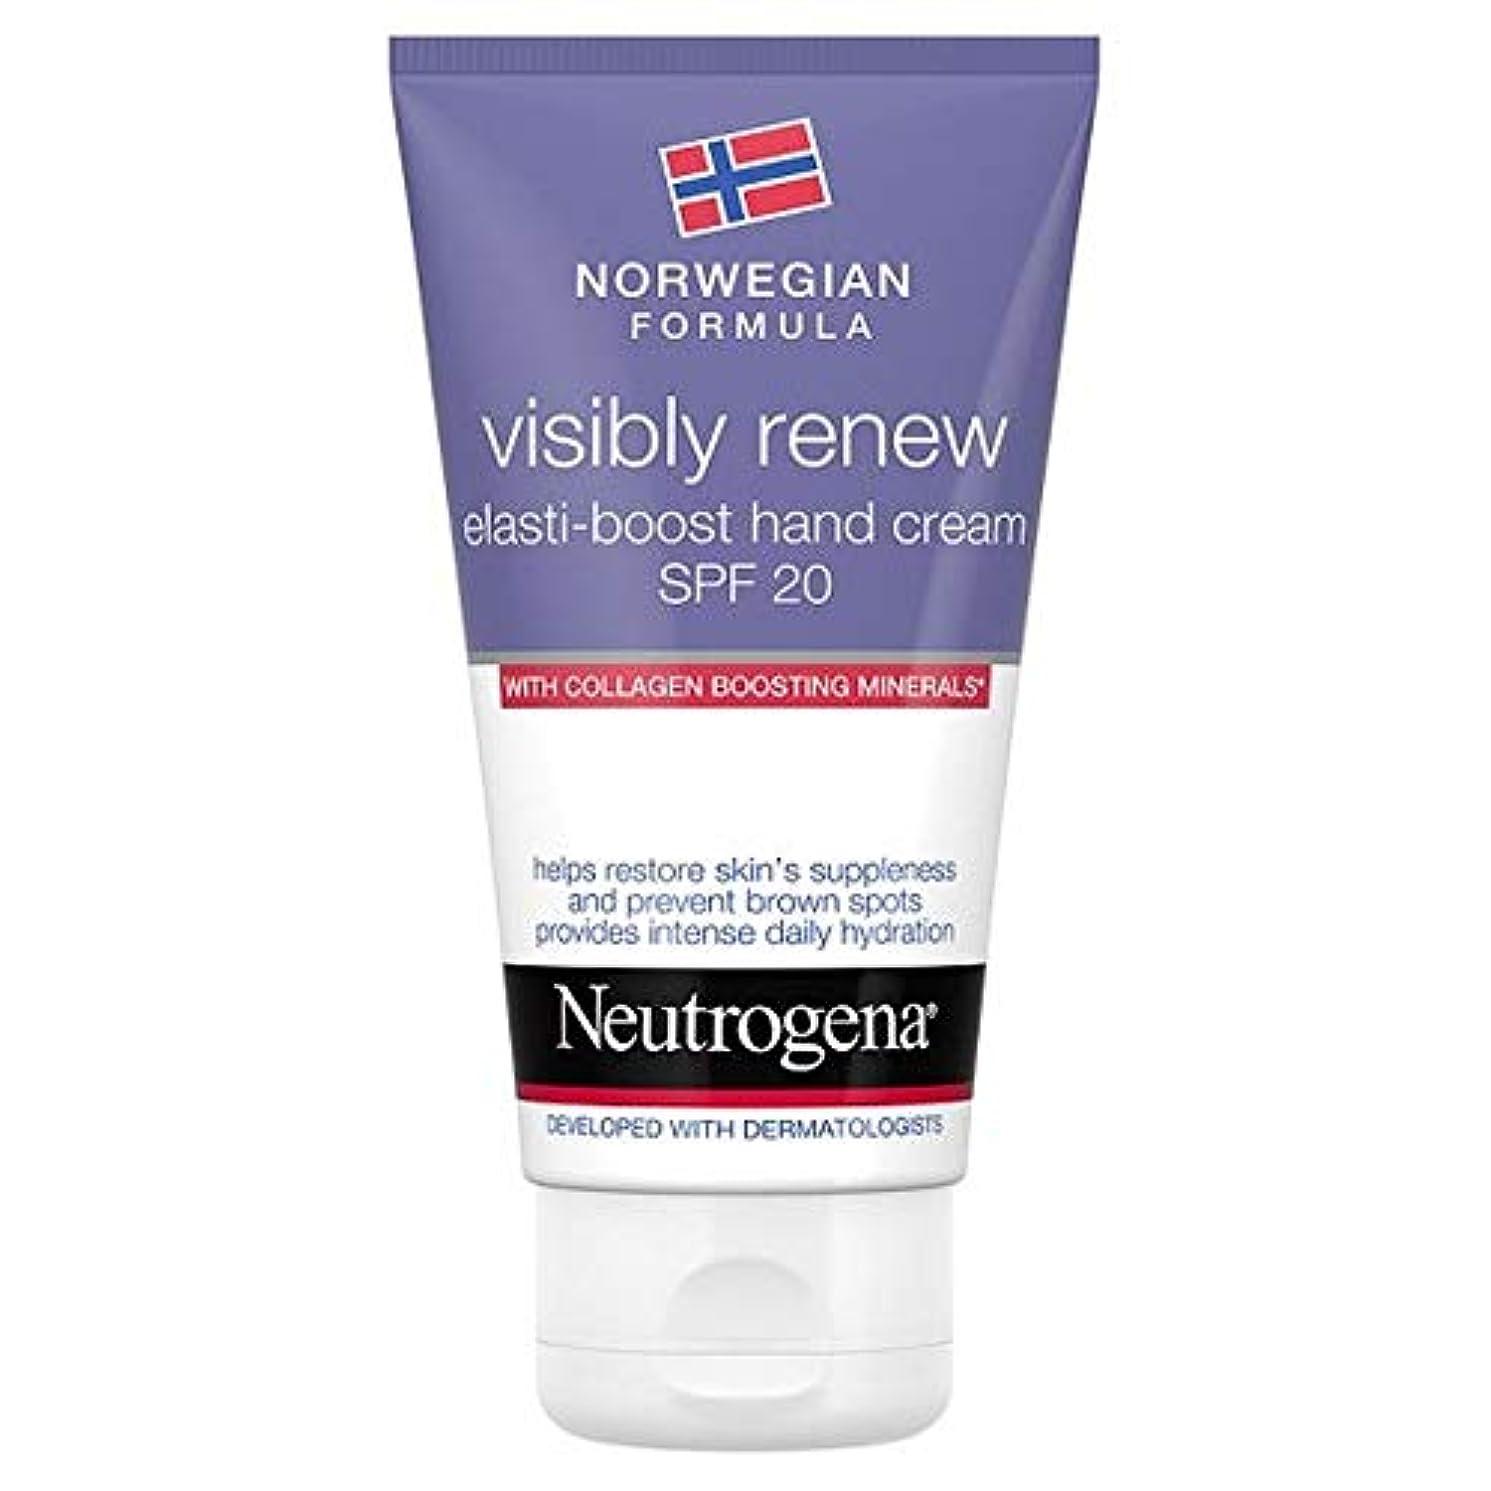 何よりも復讐赤[Neutrogena] ニュートロジーナノルウェー式は目に見えてハンドクリームを75ミリリットルを更新します - Neutrogena Norwegian Formula Visibly Renew Hand Cream...